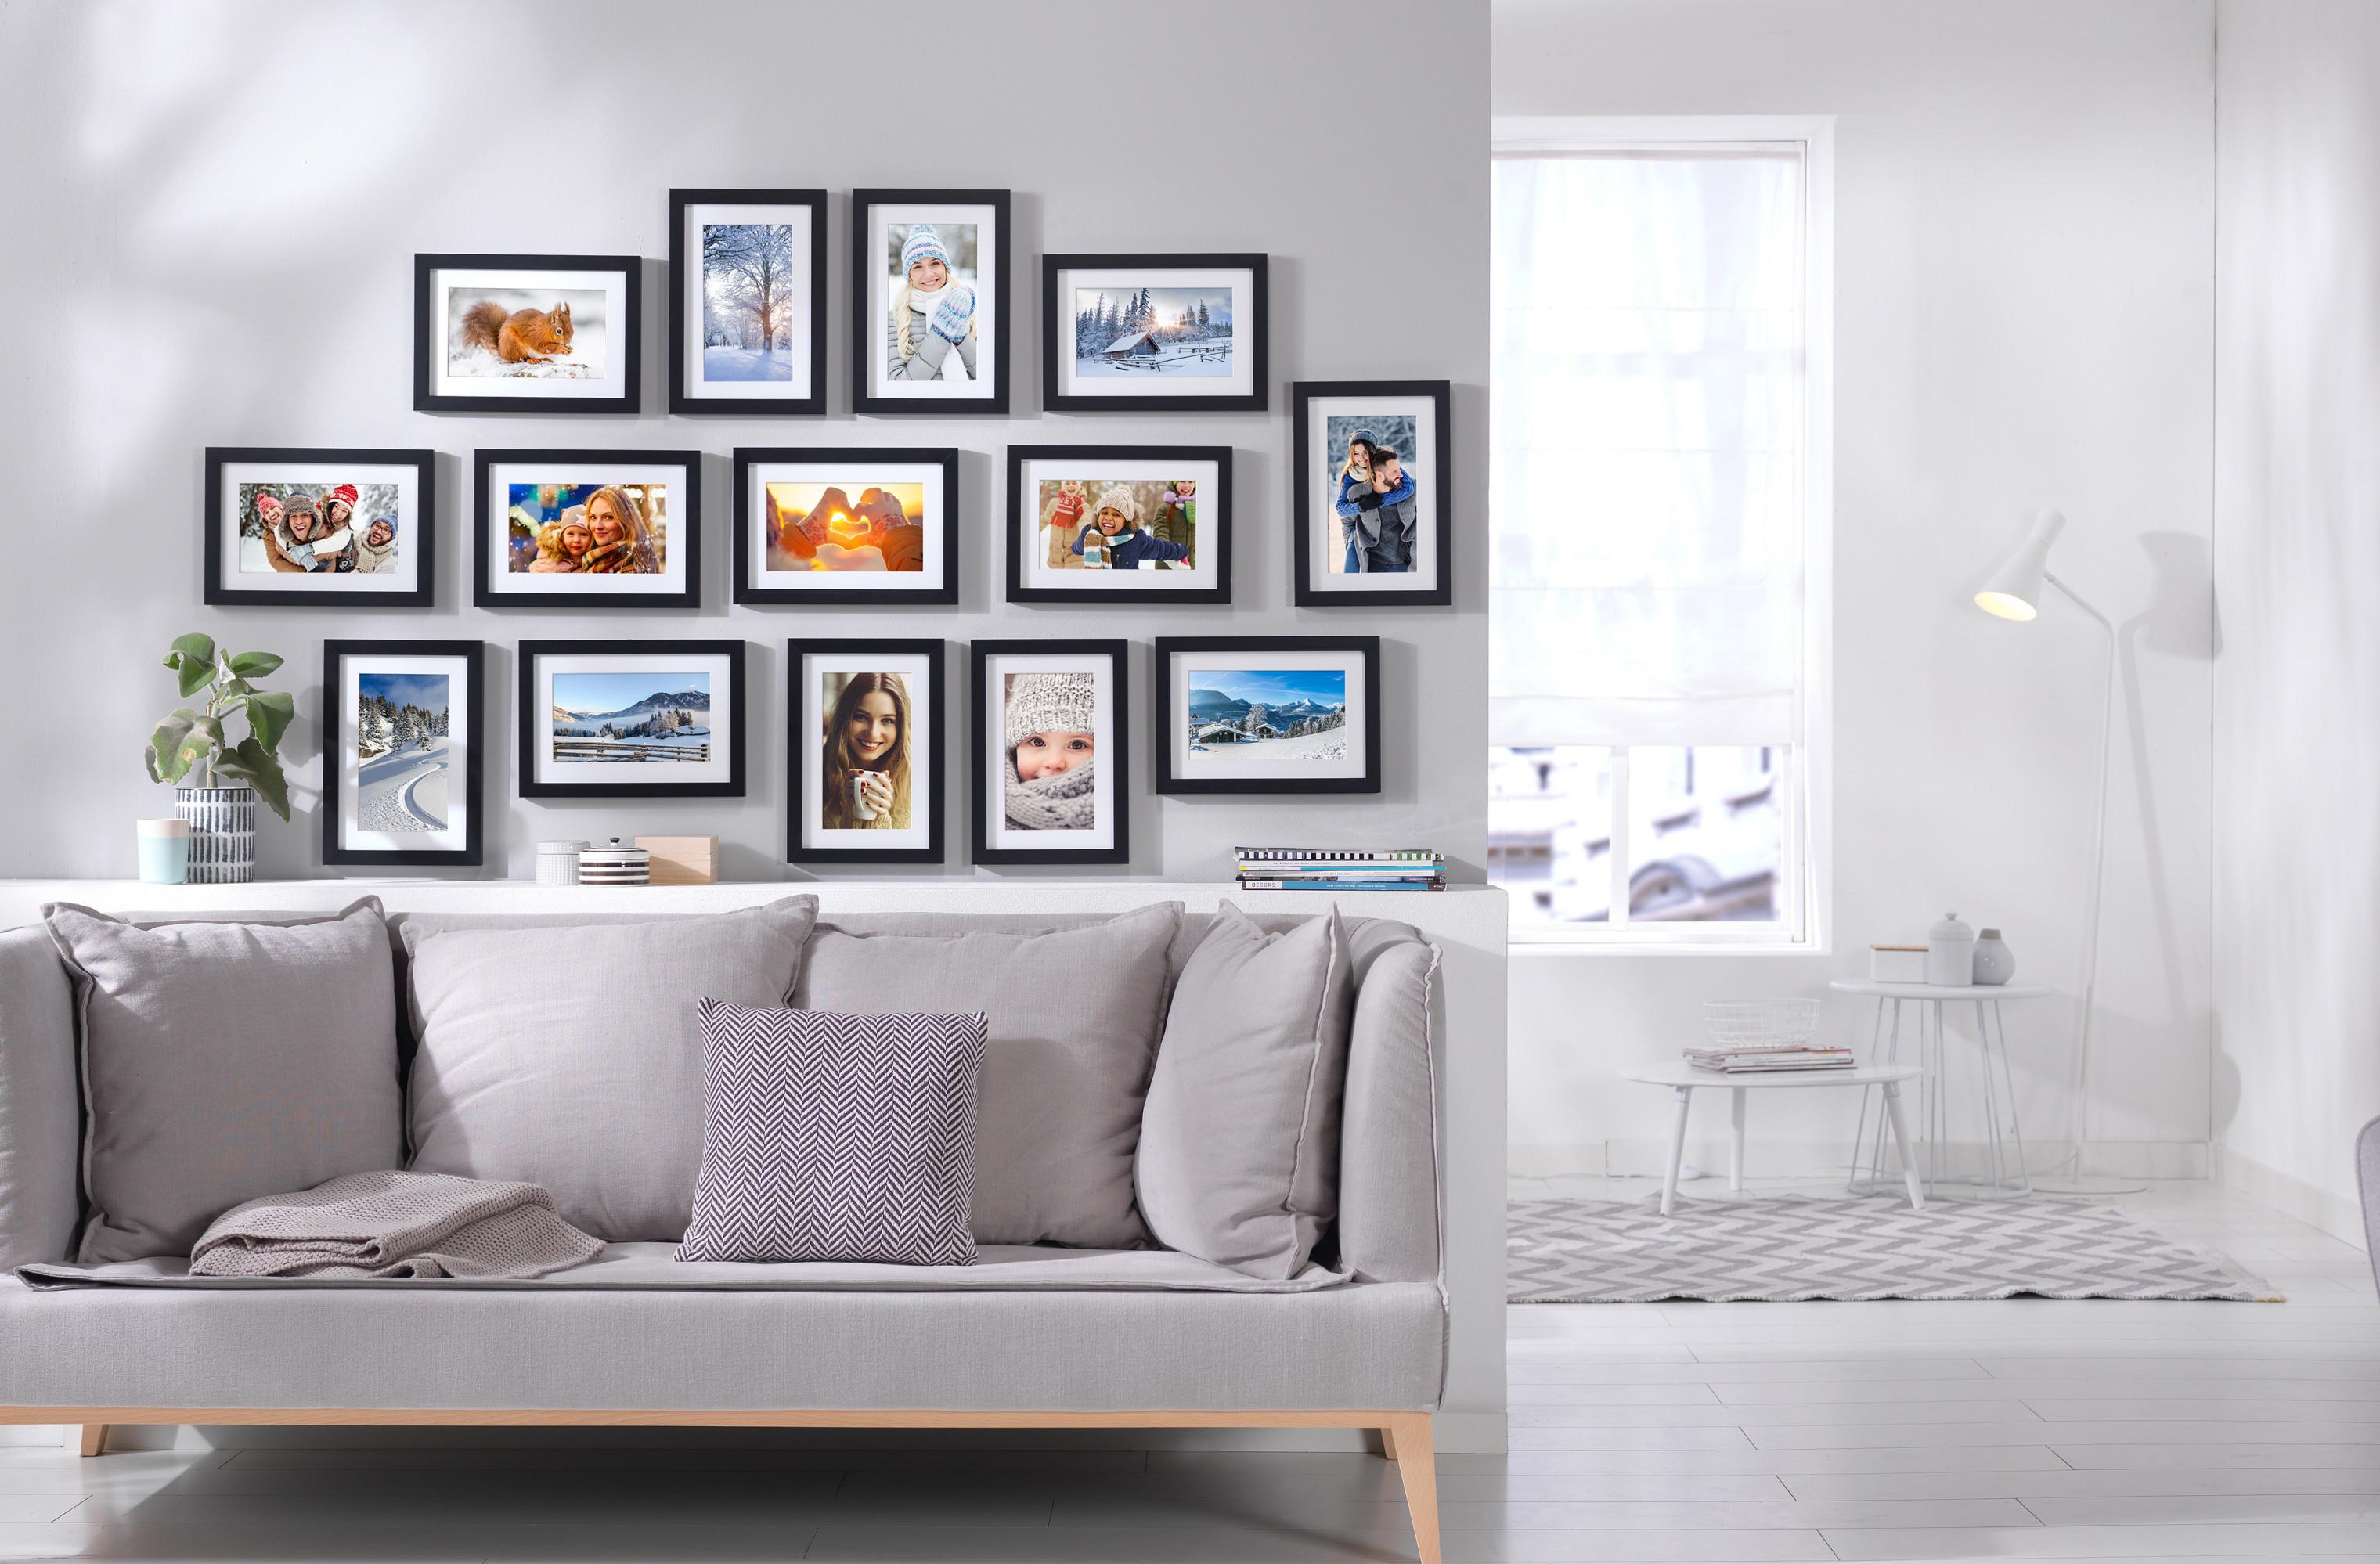 Leinwandbild Top Blumen Querformat 23 Kunstdruck Wandbild von Bilder Querformat Wohnzimmer Bild